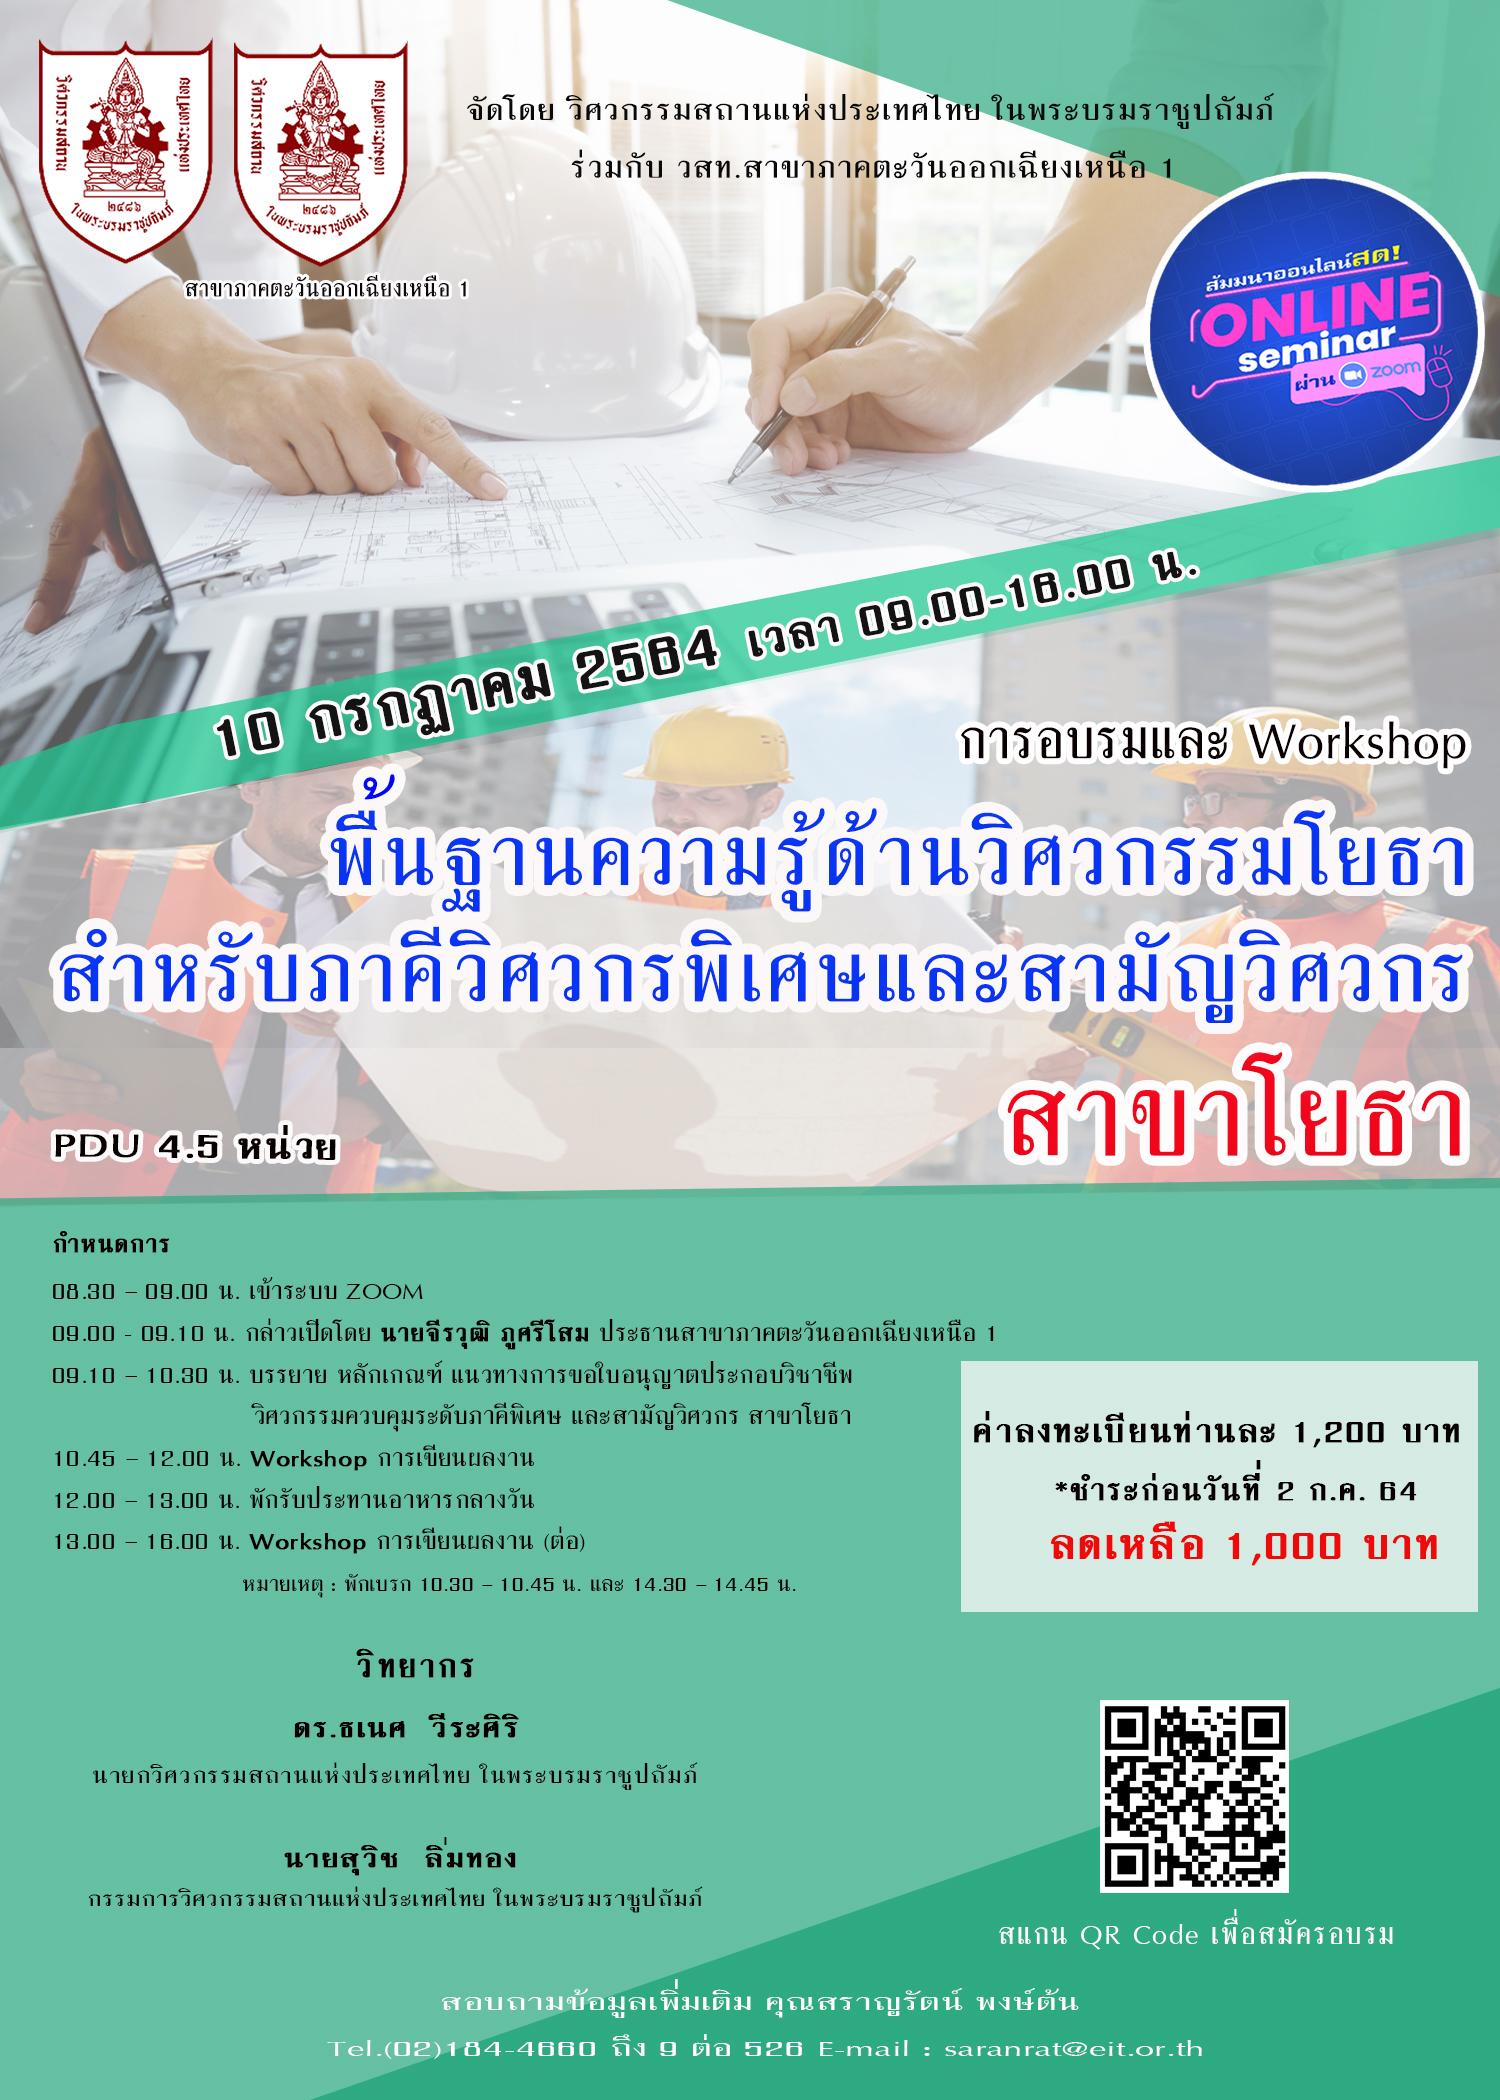 10/07/2564 การอบรมและ Workshop พื้นฐานความรู้ด้านวิศวกรรมโยธาสำหรับภาคีวิศวกรพิเศษและสามัญวิศวกร สาขาโยธา (อบรมออนไลน์ผ่านโปรแกรม ZOOM)